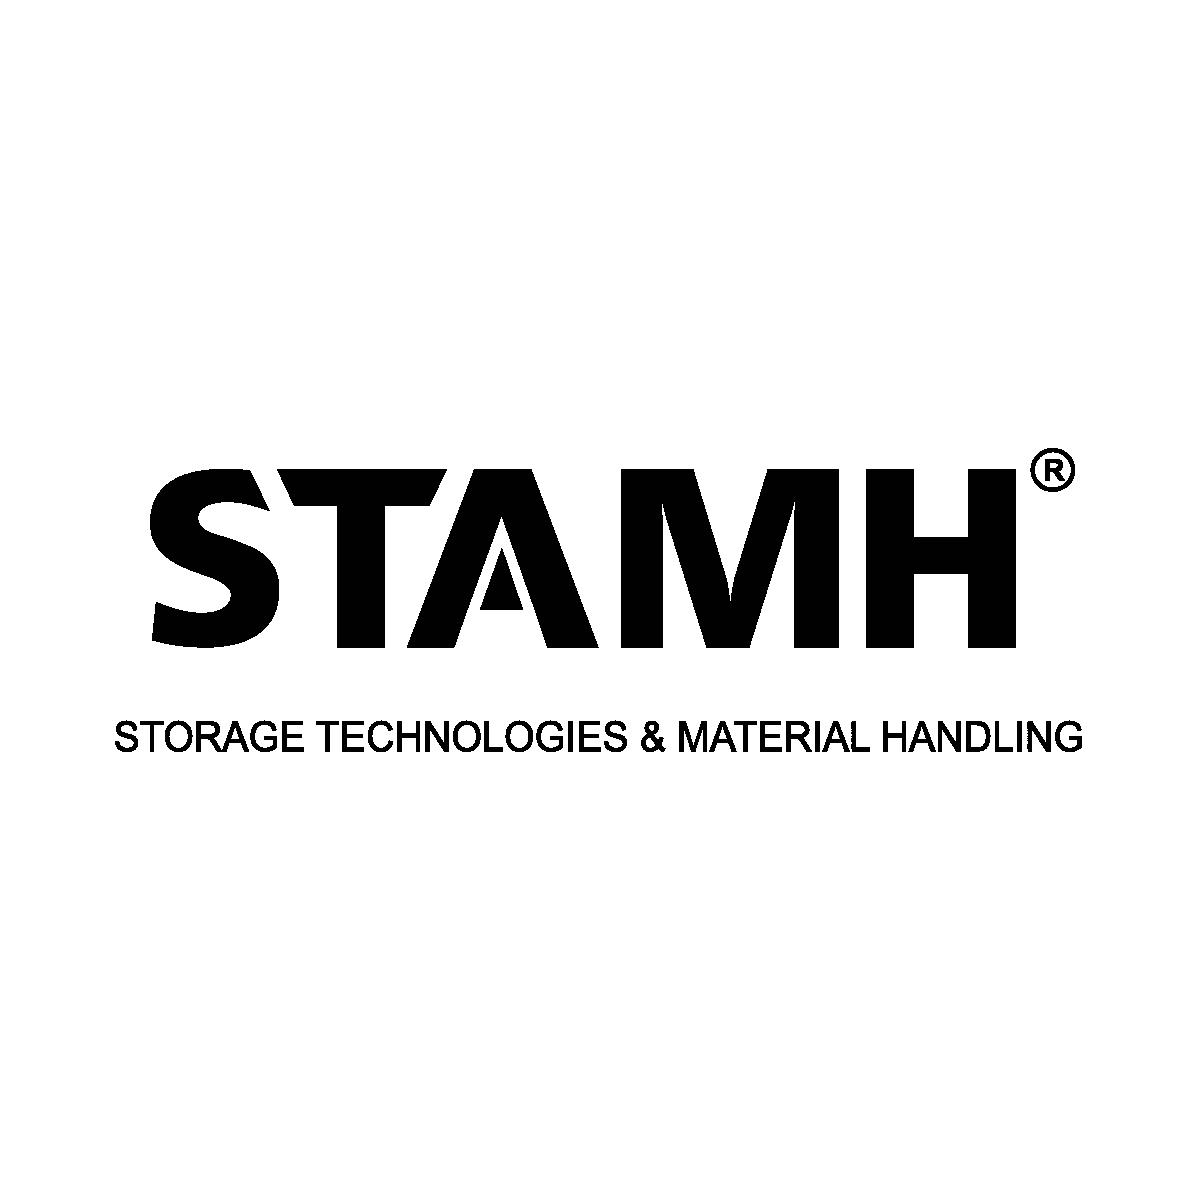 image_17